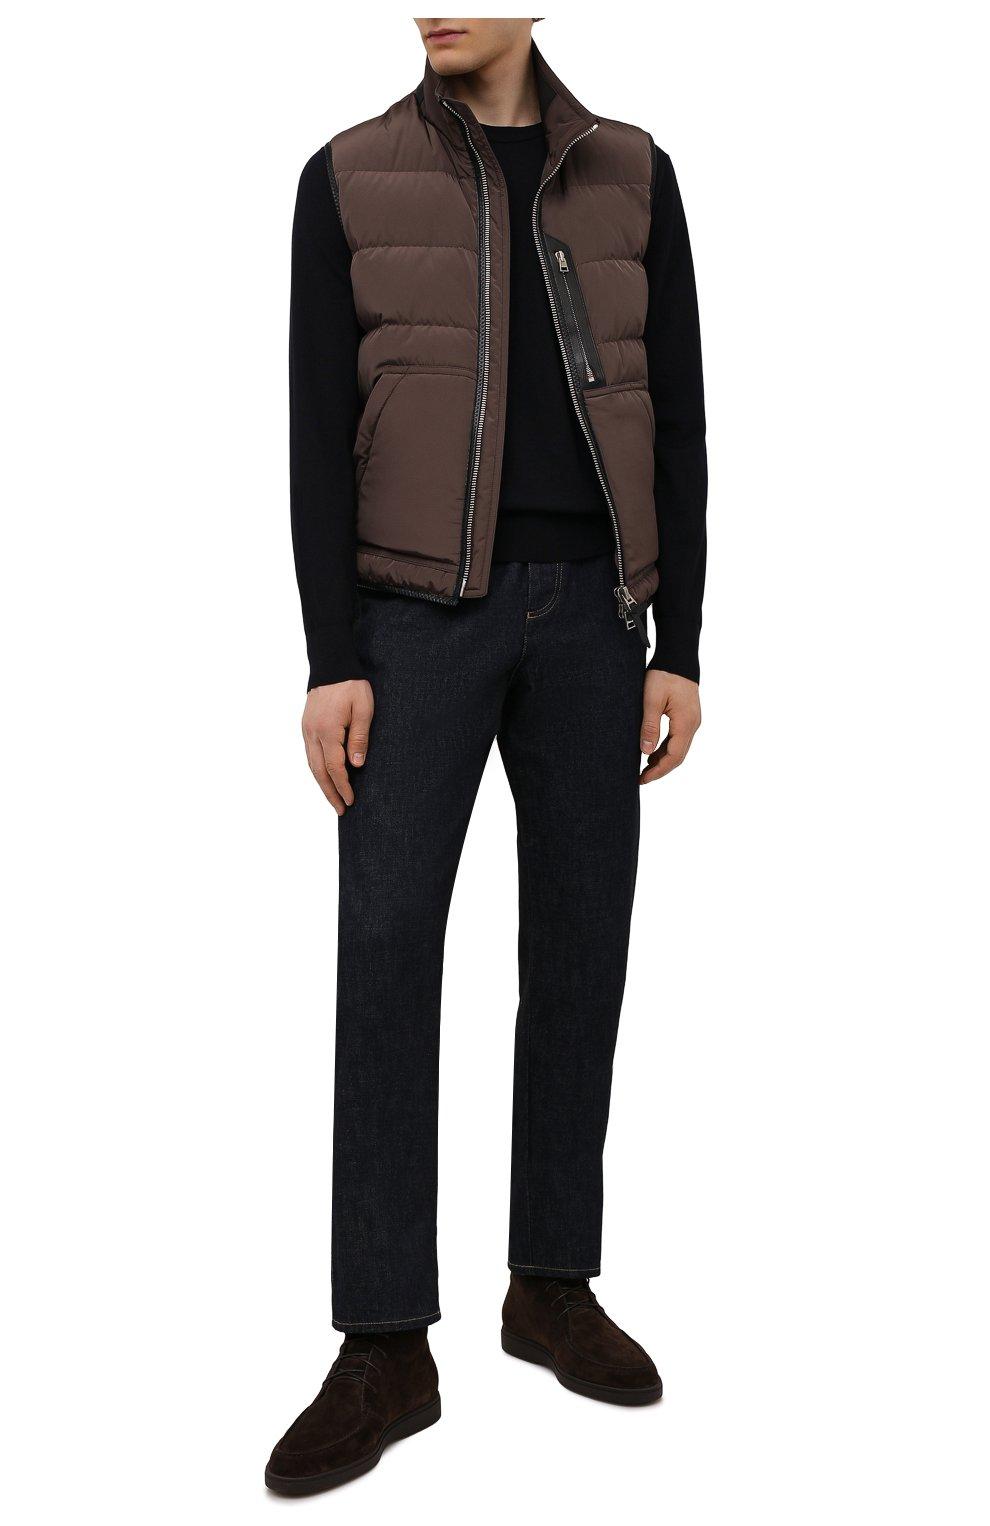 Мужские замшевые ботинки SANTONI темно-коричневого цвета, арт. MGDG17891DATASVUT50   Фото 2 (Материал утеплителя: Натуральный мех; Мужское Кросс-КТ: Ботинки-обувь, зимние ботинки; Подошва: Плоская; Материал внешний: Замша)